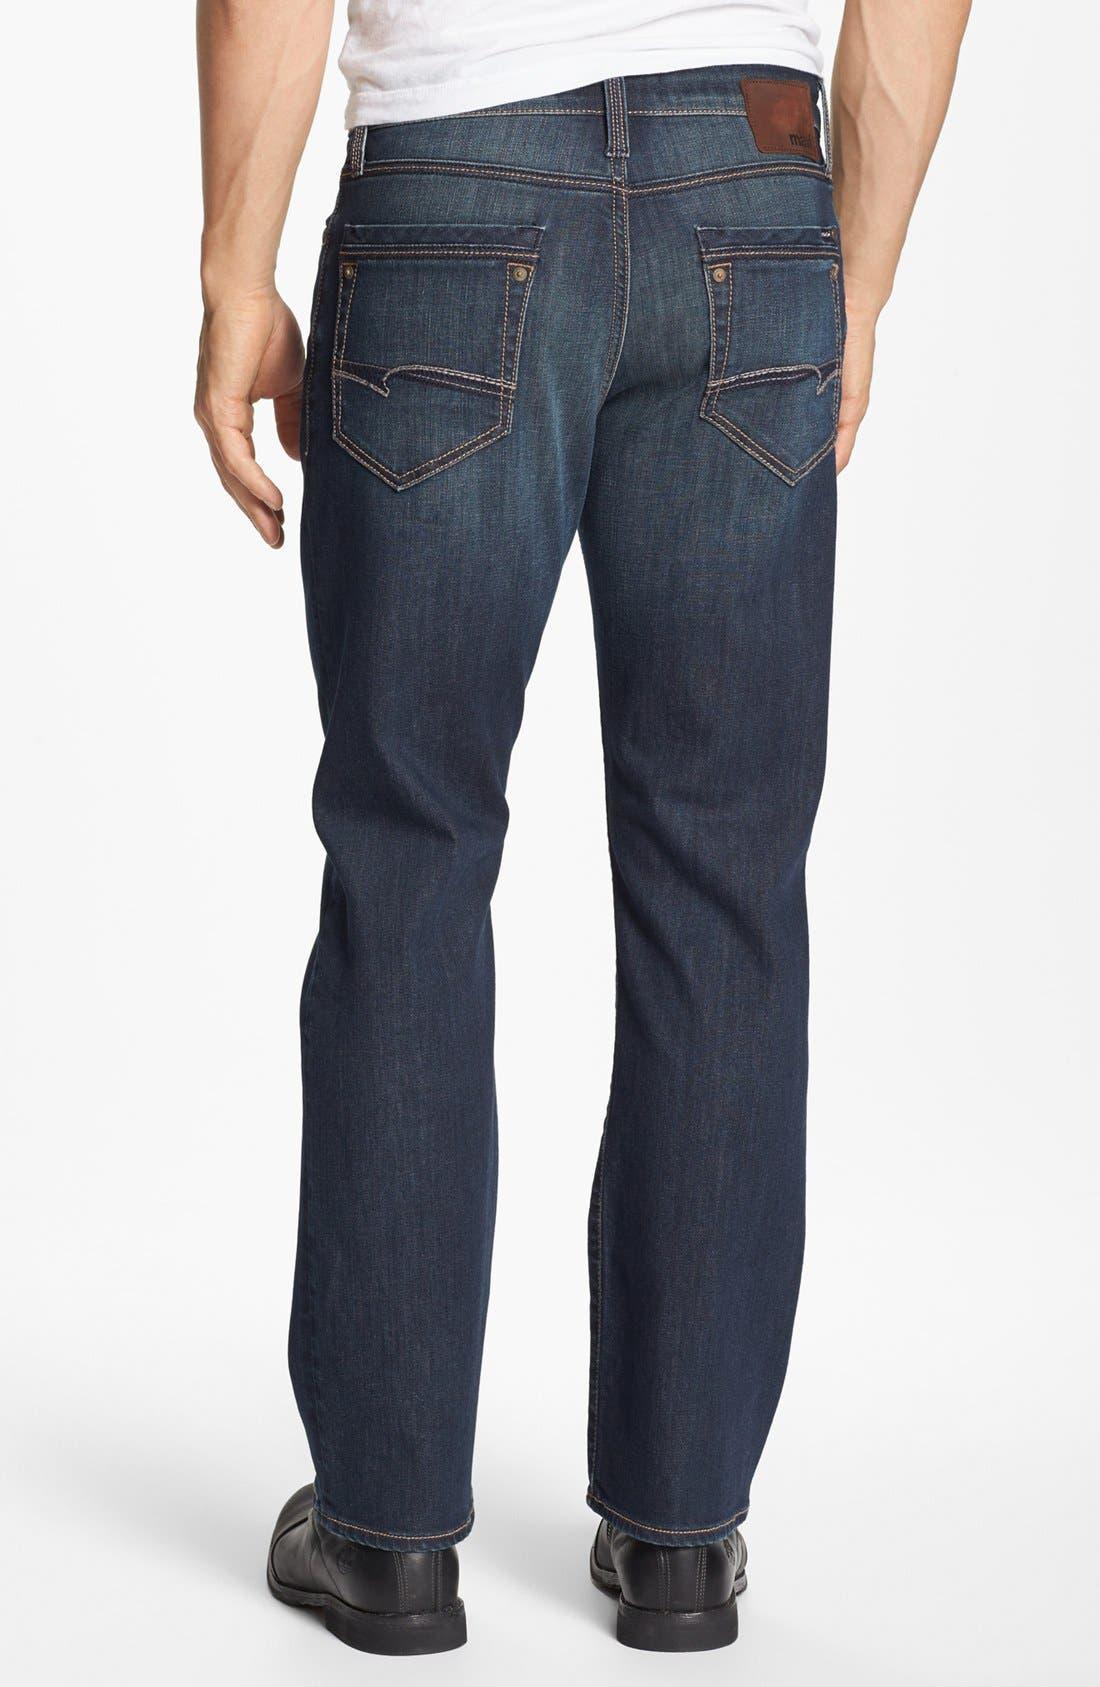 Alternate Image 1 Selected - Mavi Jeans 'Matt' Relaxed Jeans (Dark Bilboa)